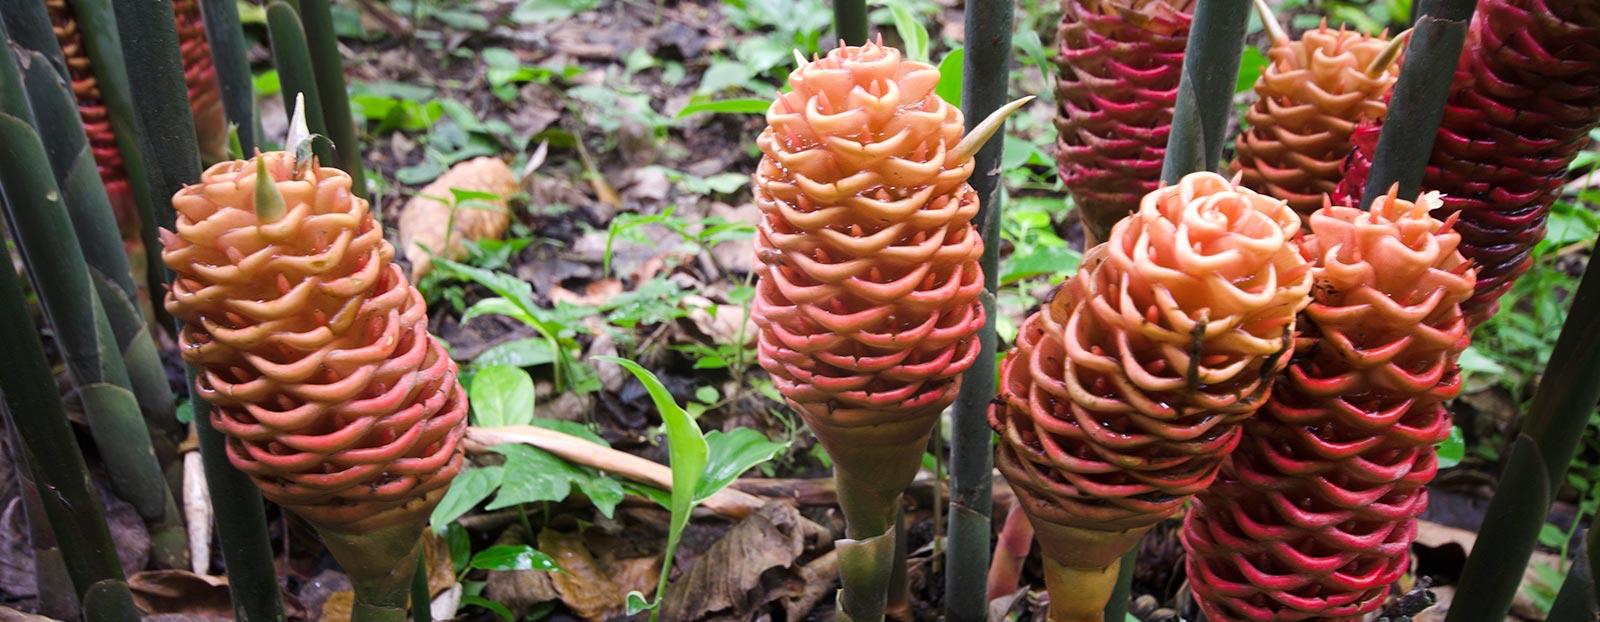 在自然栖息地生长着的红球姜